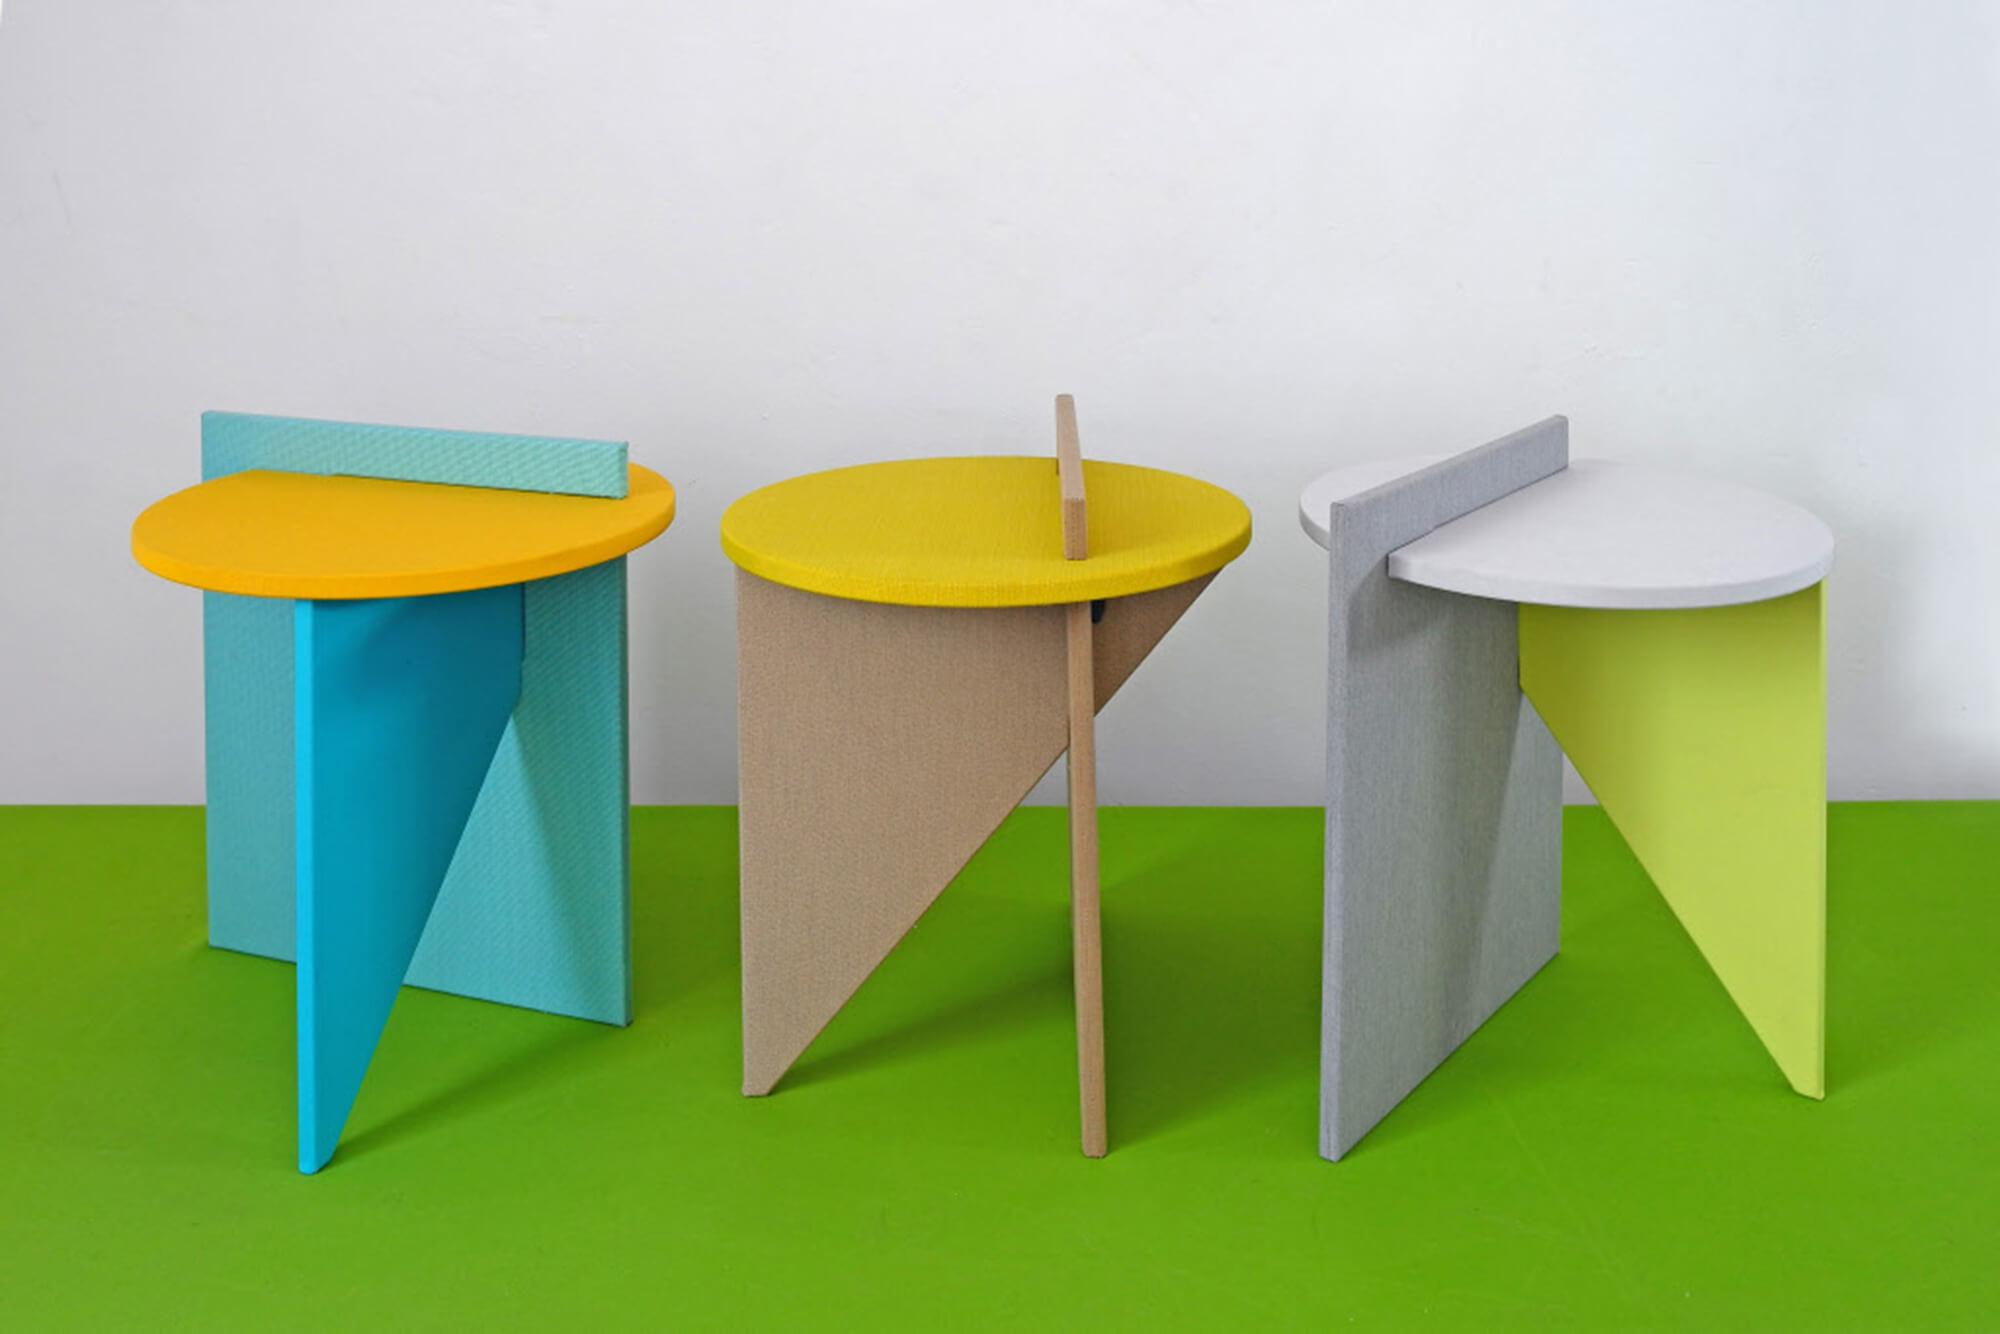 Tables de chevet colorées, bleues, jaunes et vertes, dessinées par l'Atelier Lavit